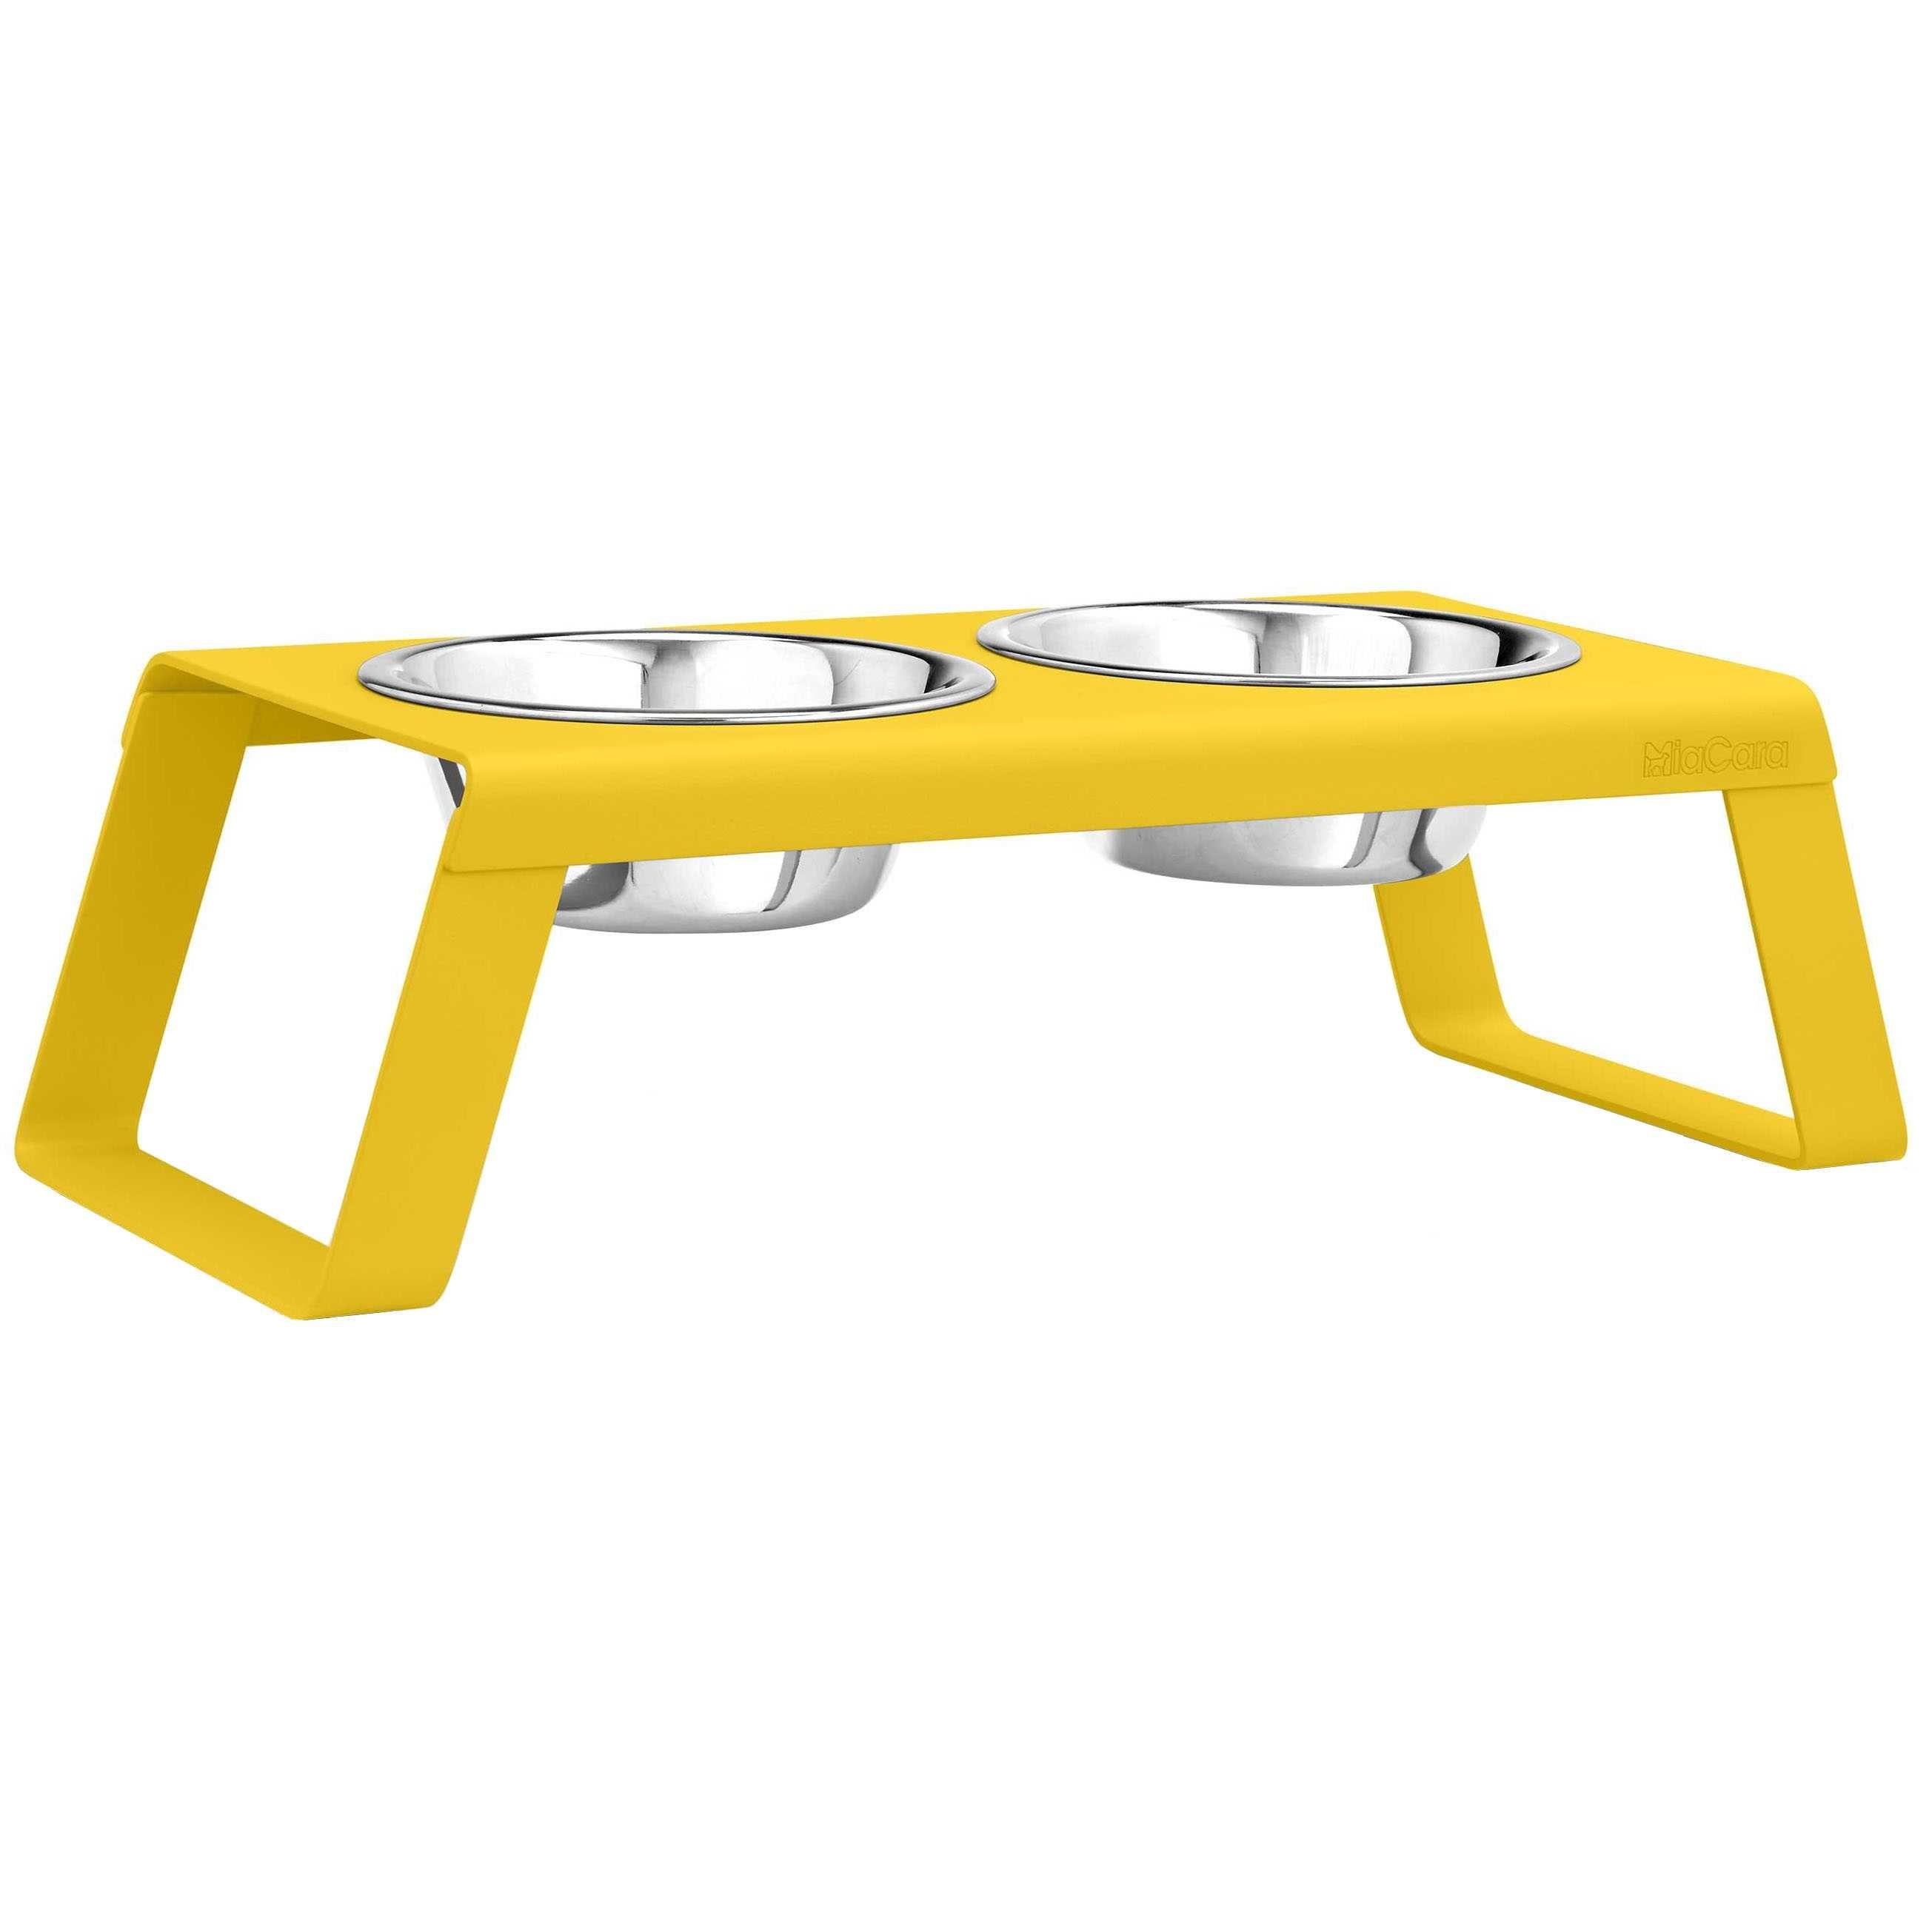 MiaCara Desco hondenvoerbak medium powder-coated yellow kopen